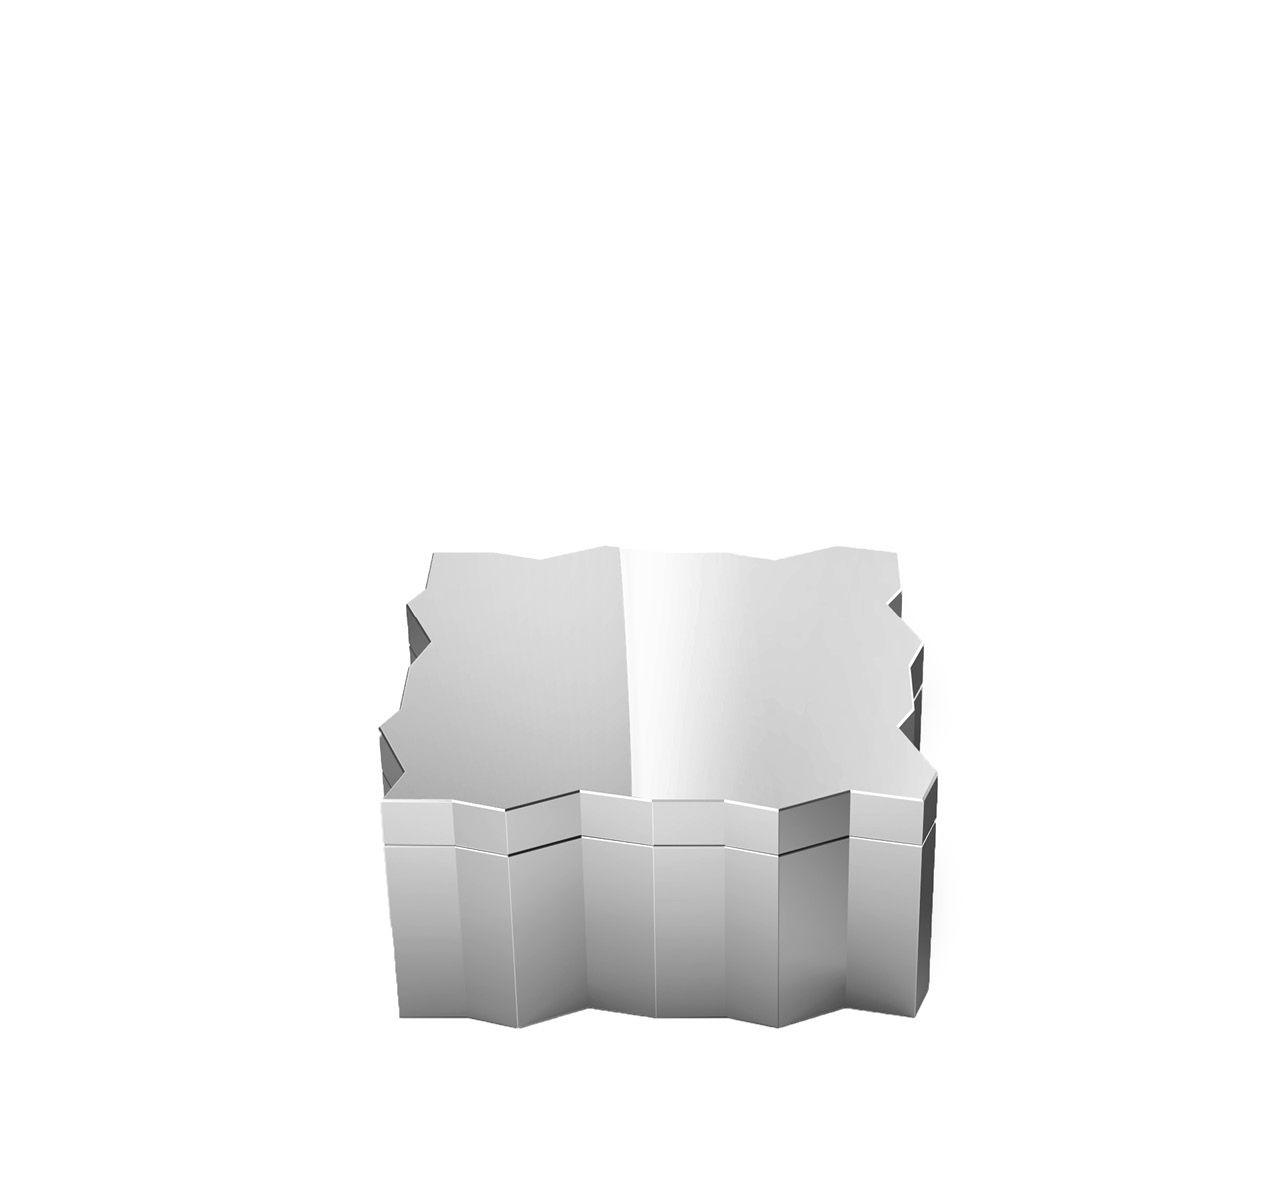 Frammenti Aluminum Box 2 Mirror